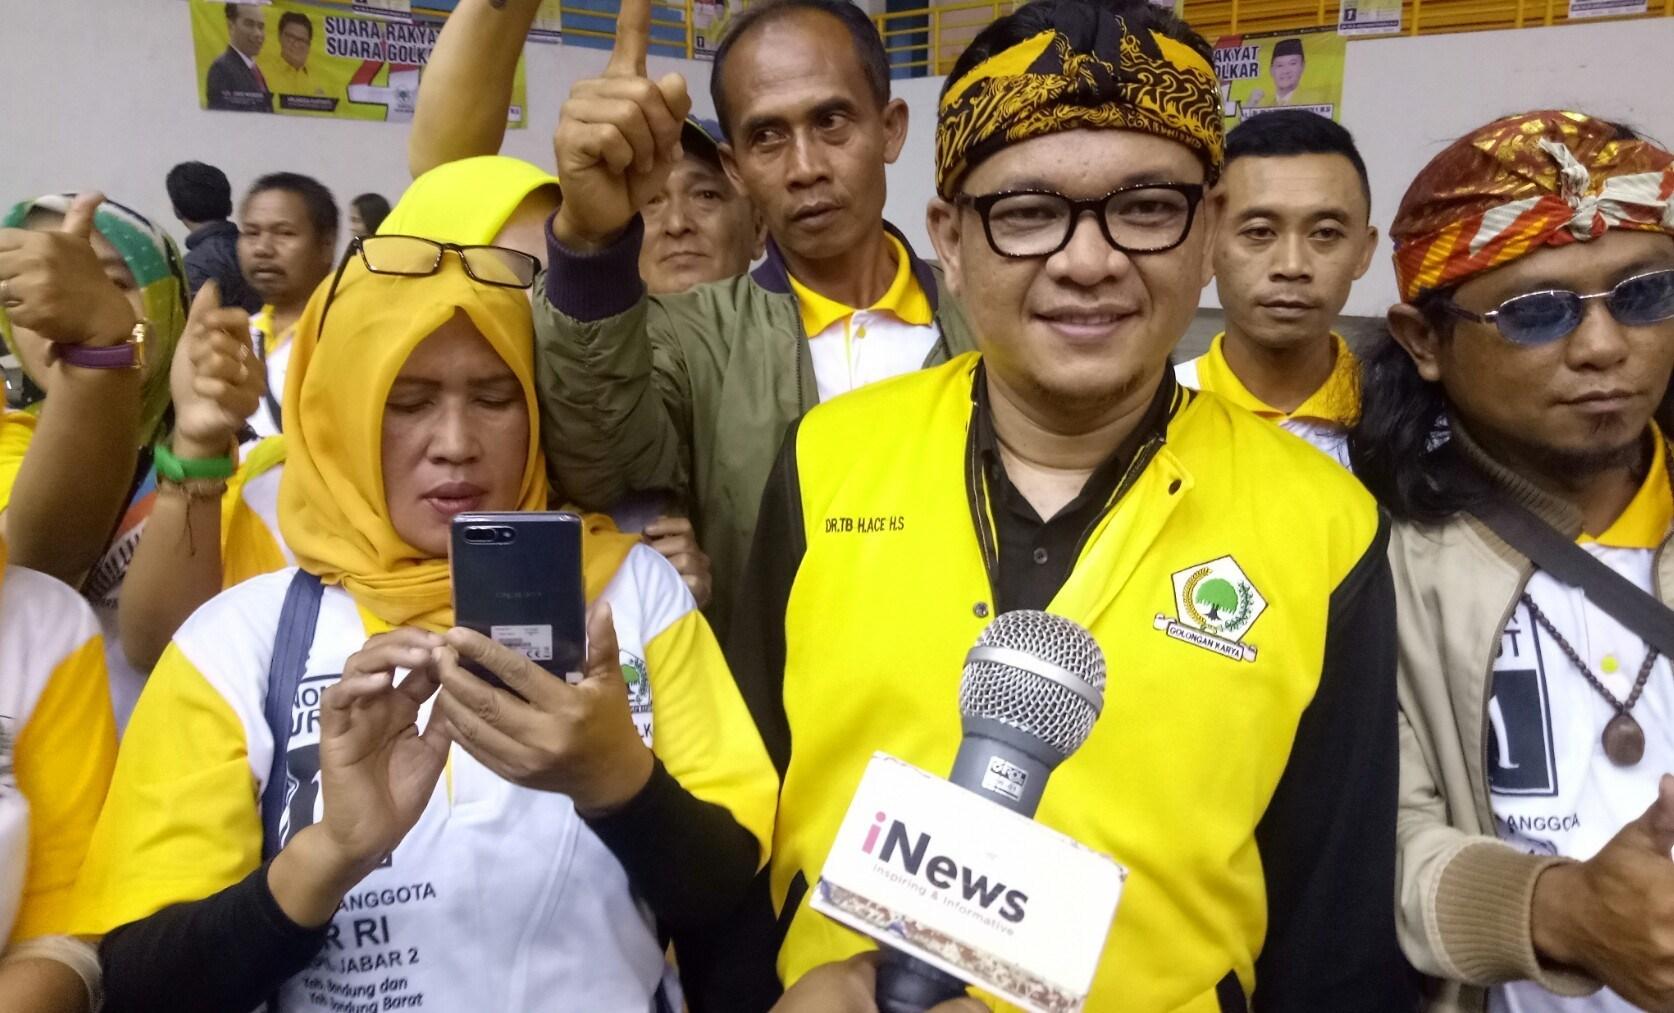 Diusung Golkar, Ace Hasan Diprediksi Bakal Menang Mudah di Pilkada Tangsel 2020